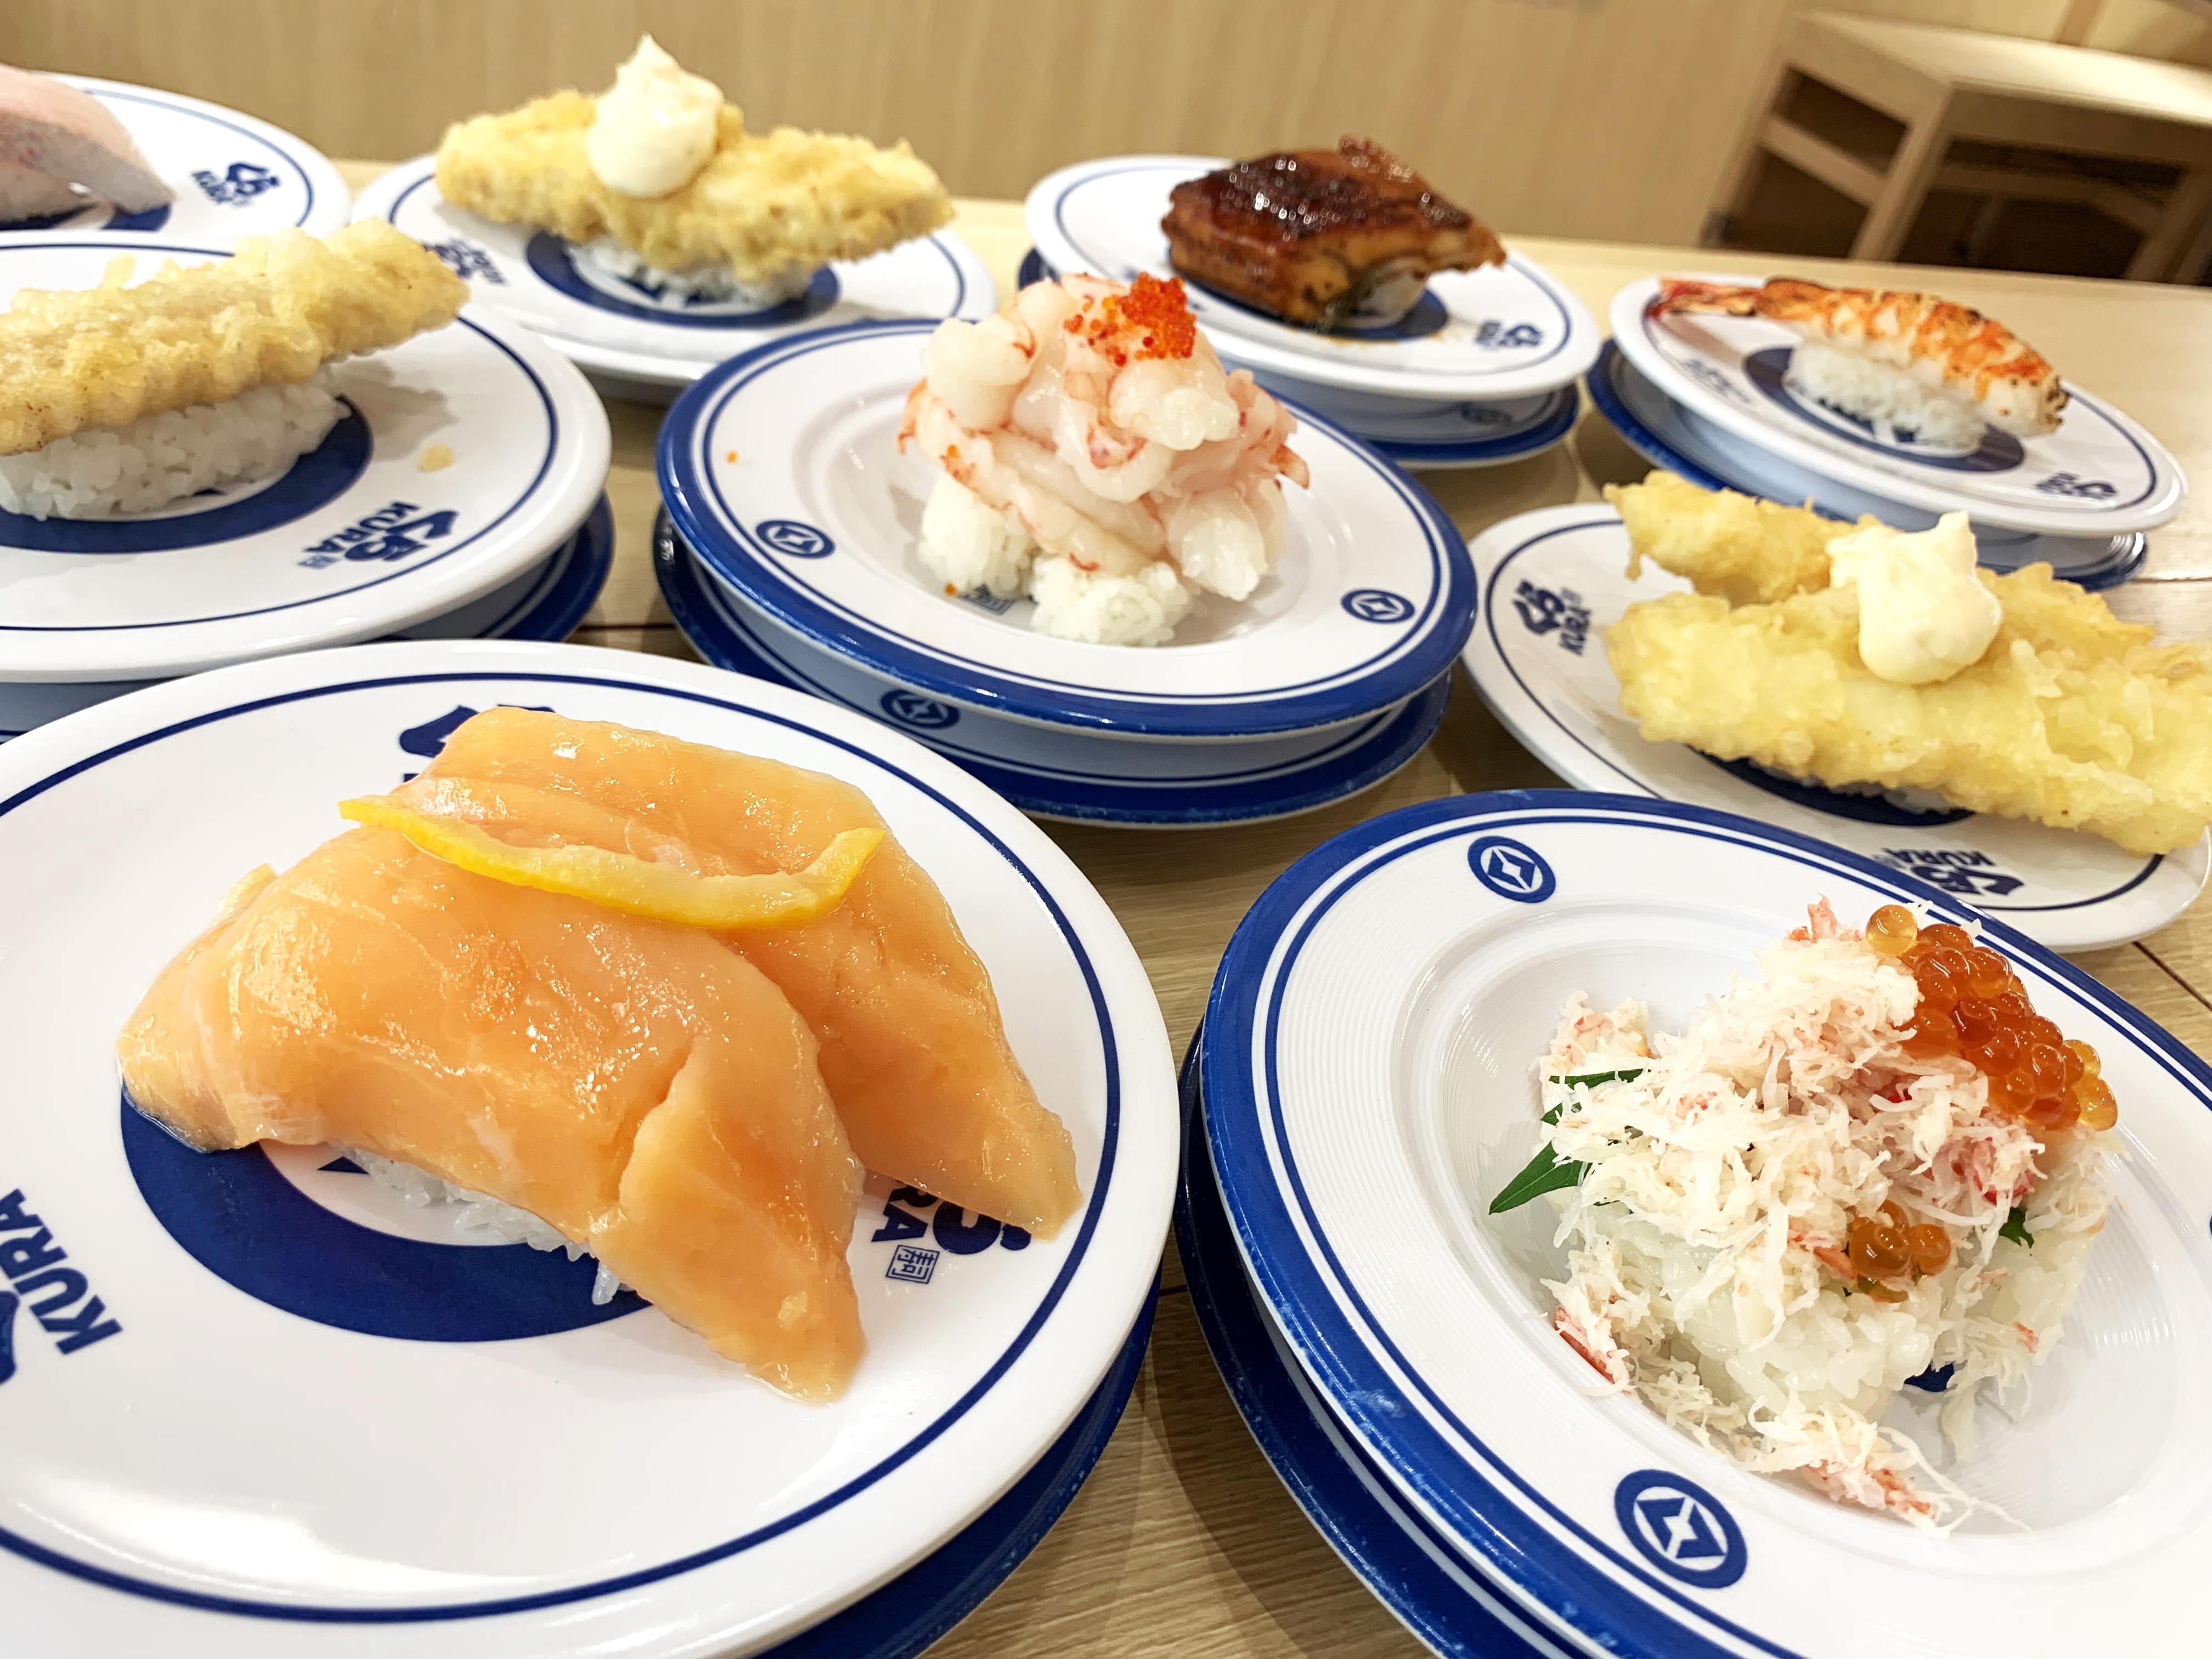 くら寿司『特大切り・特盛フェア』のデカネタを全部食べてみた! ガチでデカかった寿司、そうでもなかった寿司まとめ